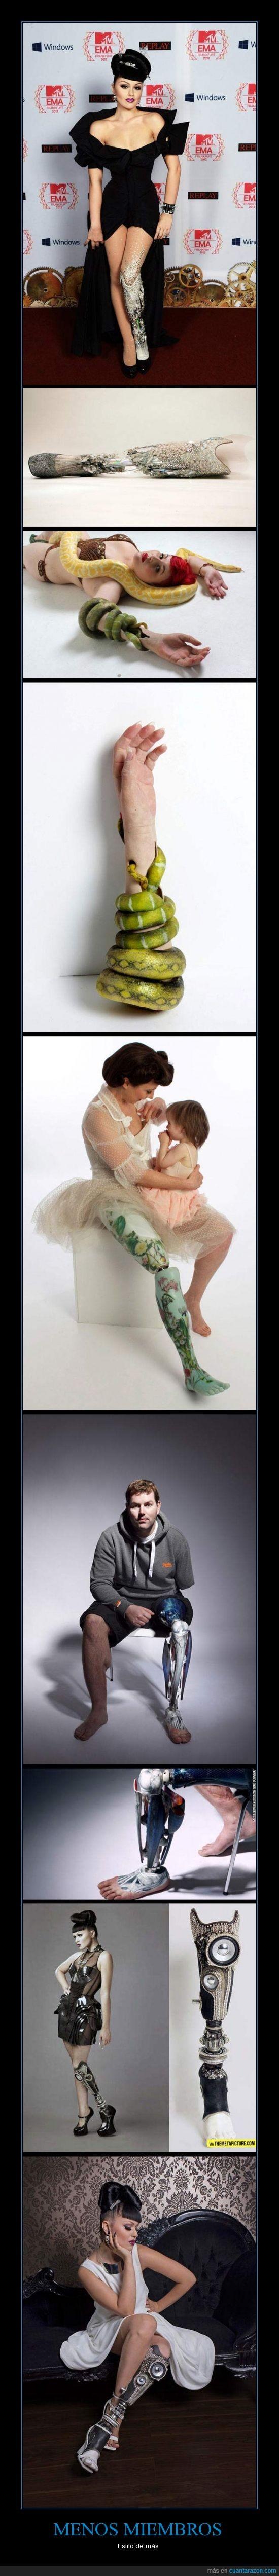 arte,invalidos,lisiados,miembro,ortopedia,protesis